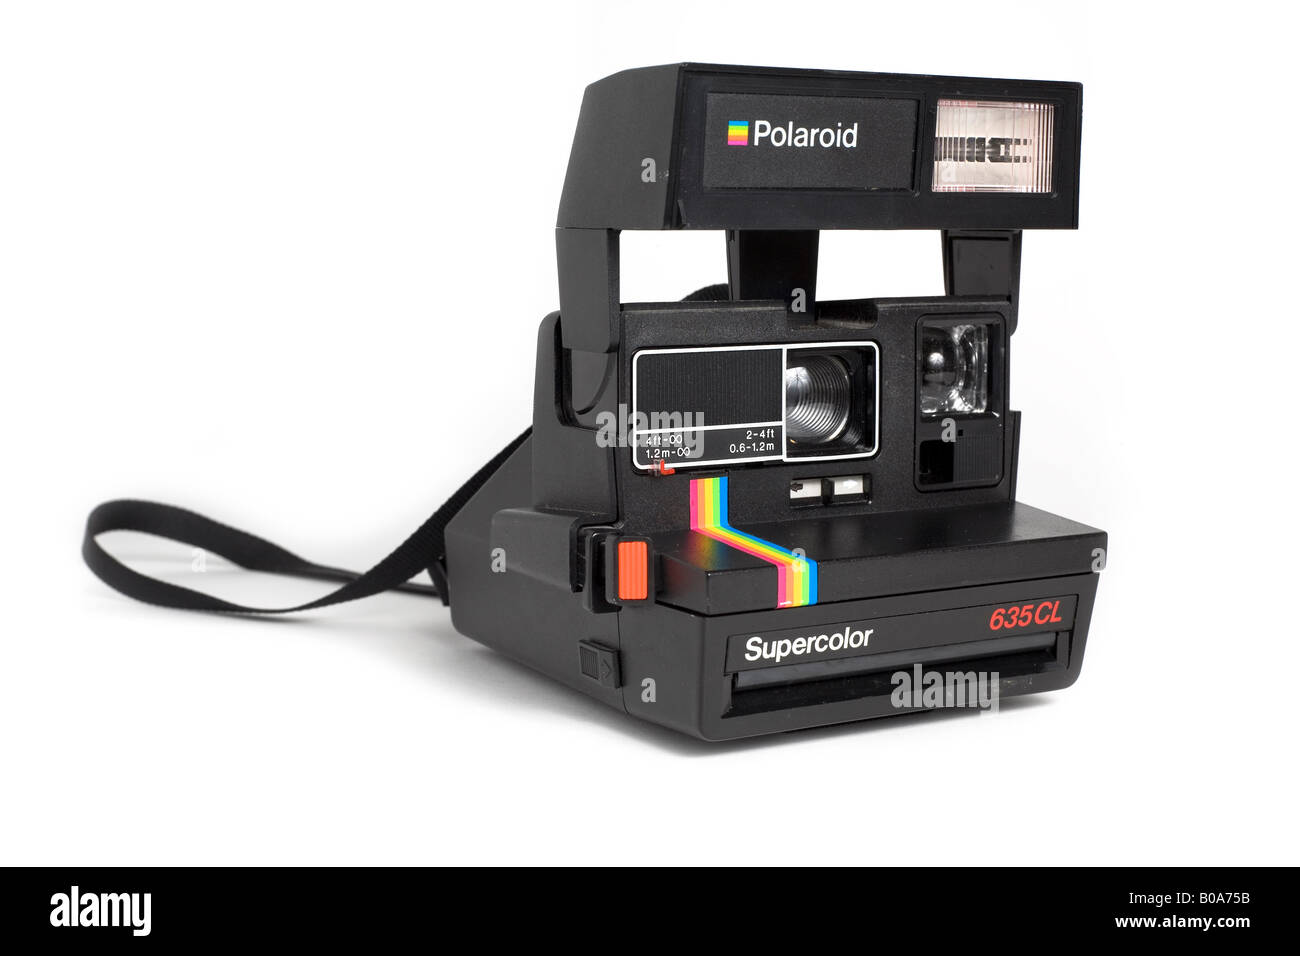 Polaroid supercolor fotocamera Immagini Stock